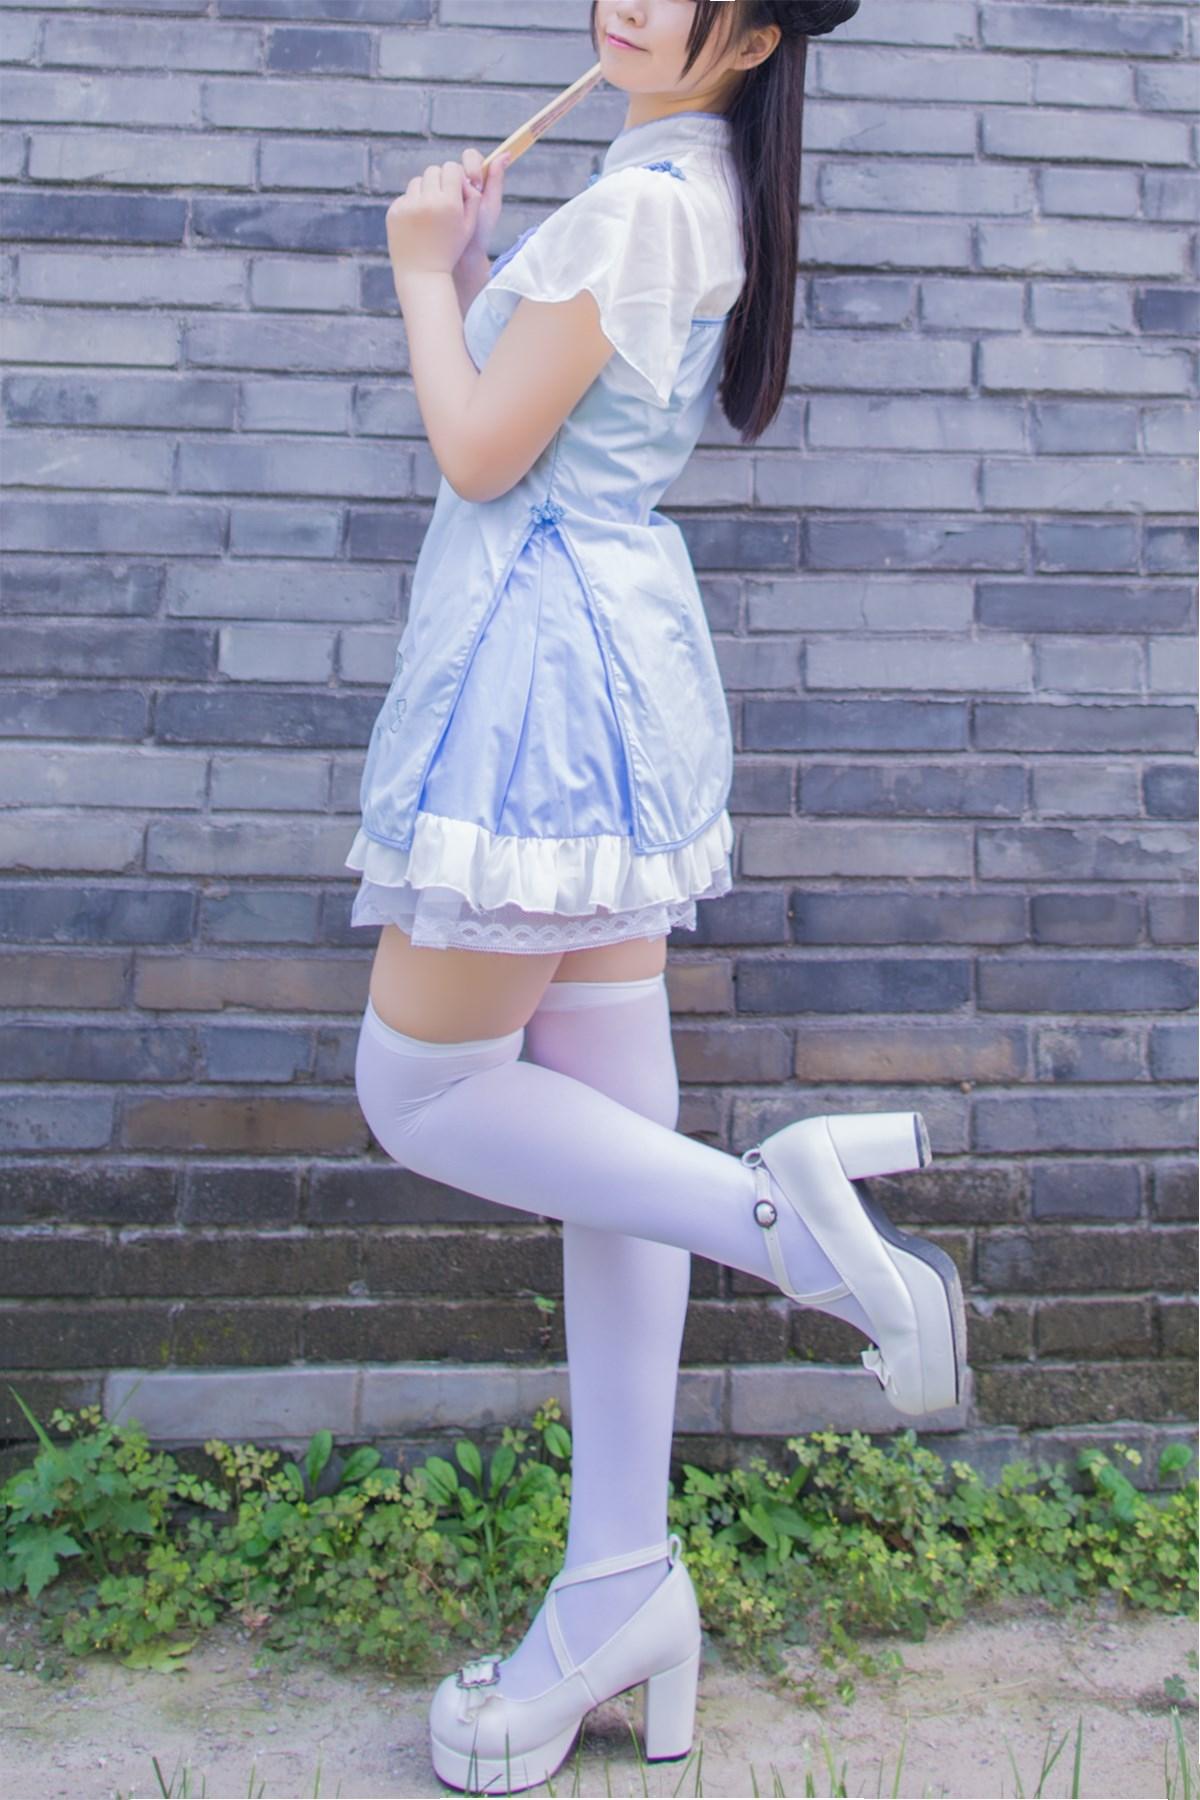 【兔玩映画】白丝旗袍 兔玩映画 第13张